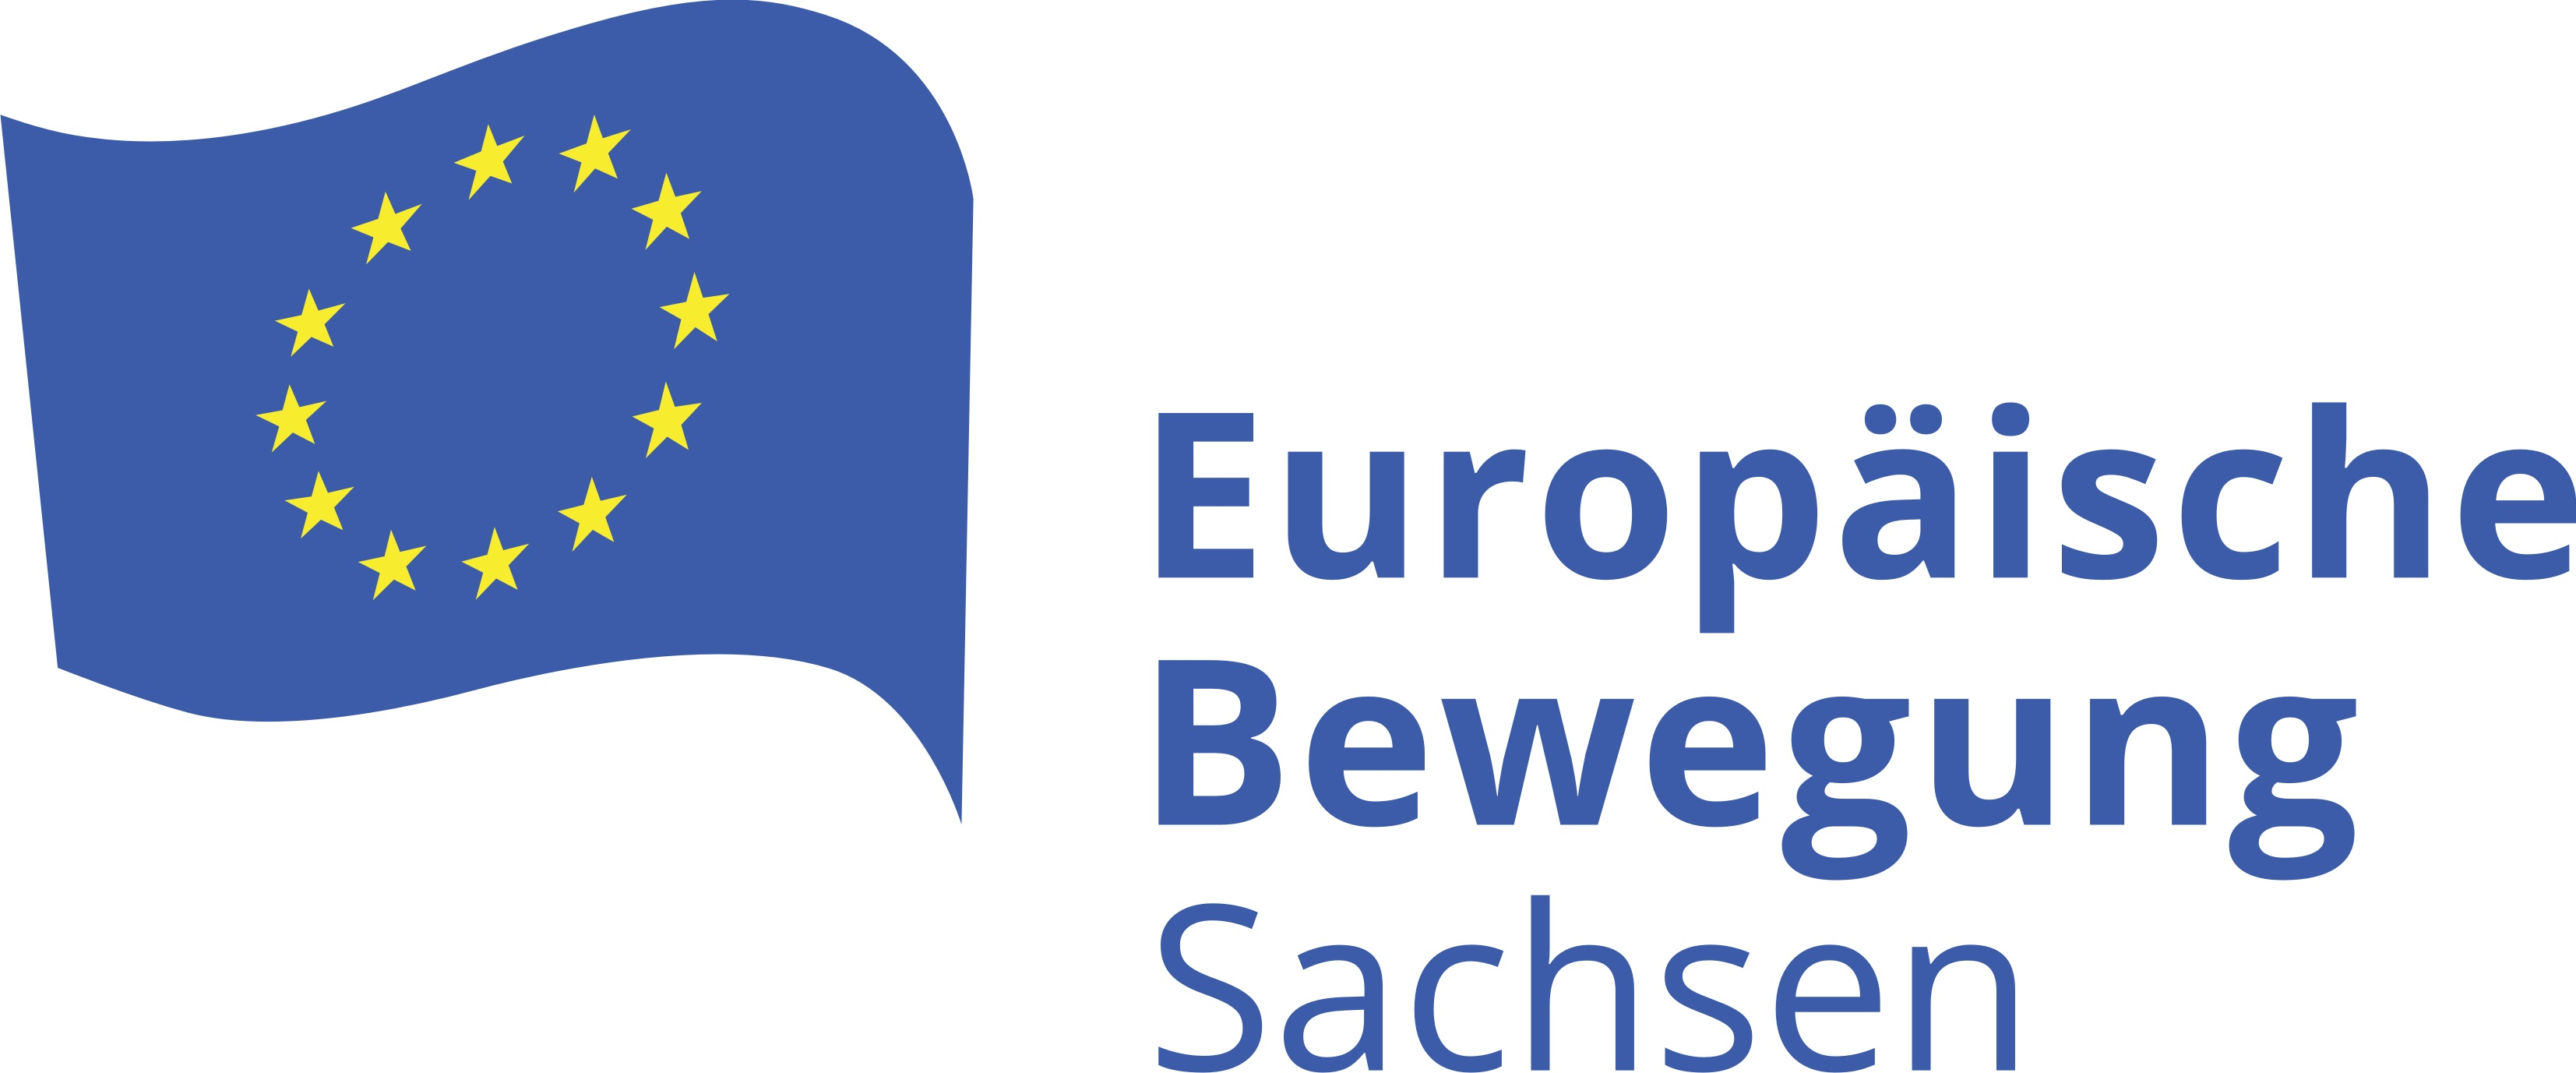 Europäische Bewegung Sachsen e.V.